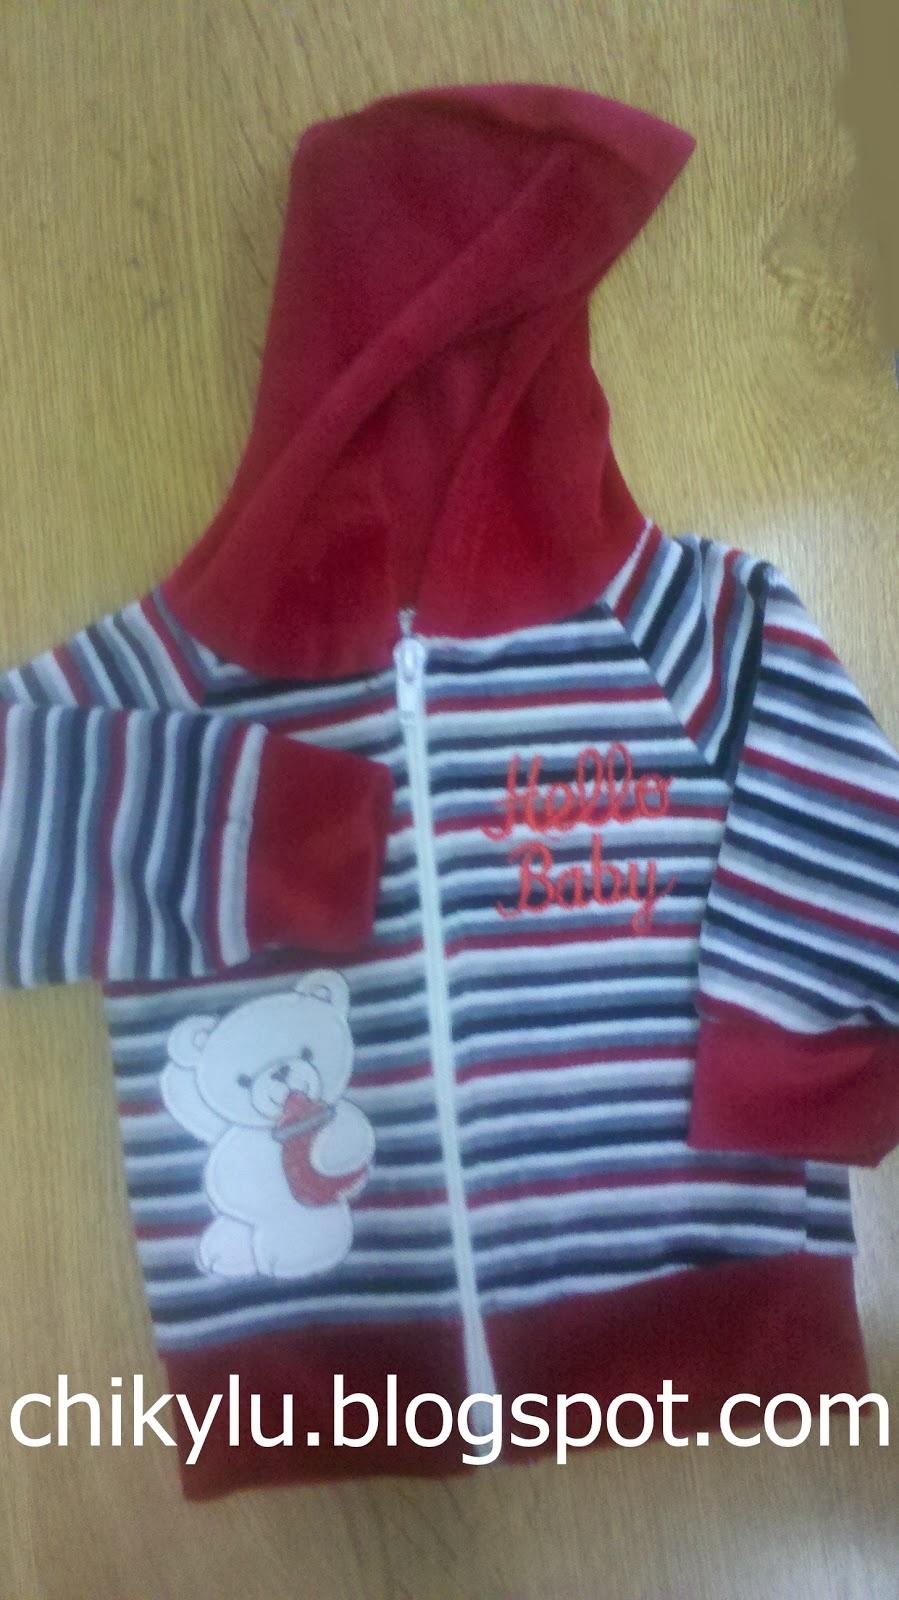 bebes , venta de ropa de bebe, productos dispita, productos para temporadas escolares,  ropa para recien nacido,envios al interior, mayoristas de ropa de bebe, negocios de once, campera de plush, distribuidores de ropa,